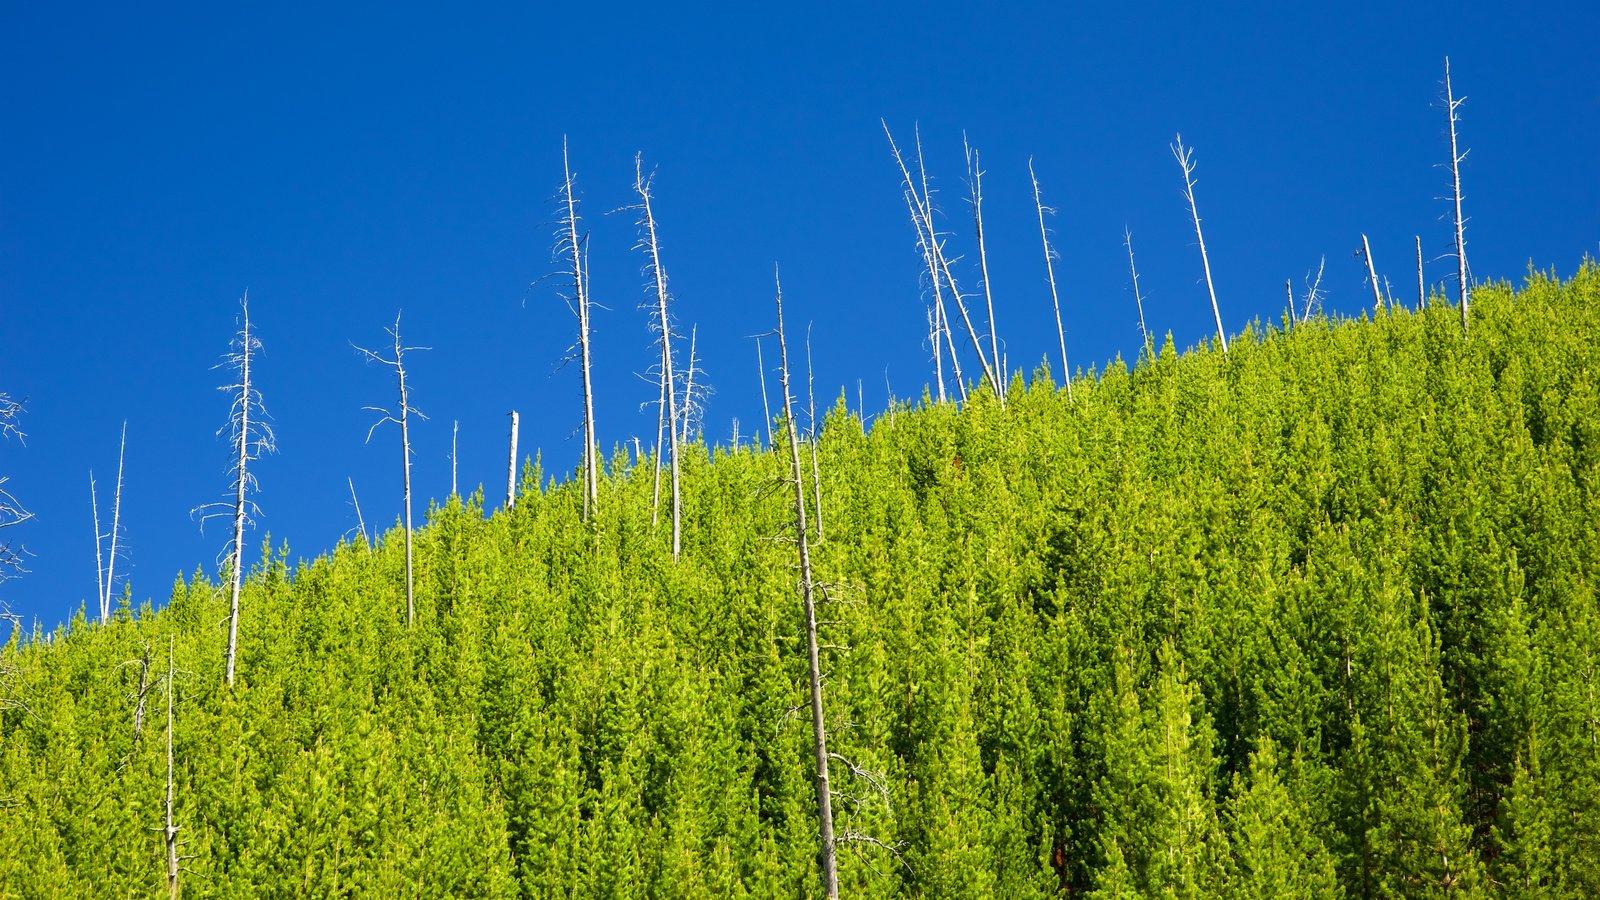 Yellowstone National Park caracterizando cenas de floresta